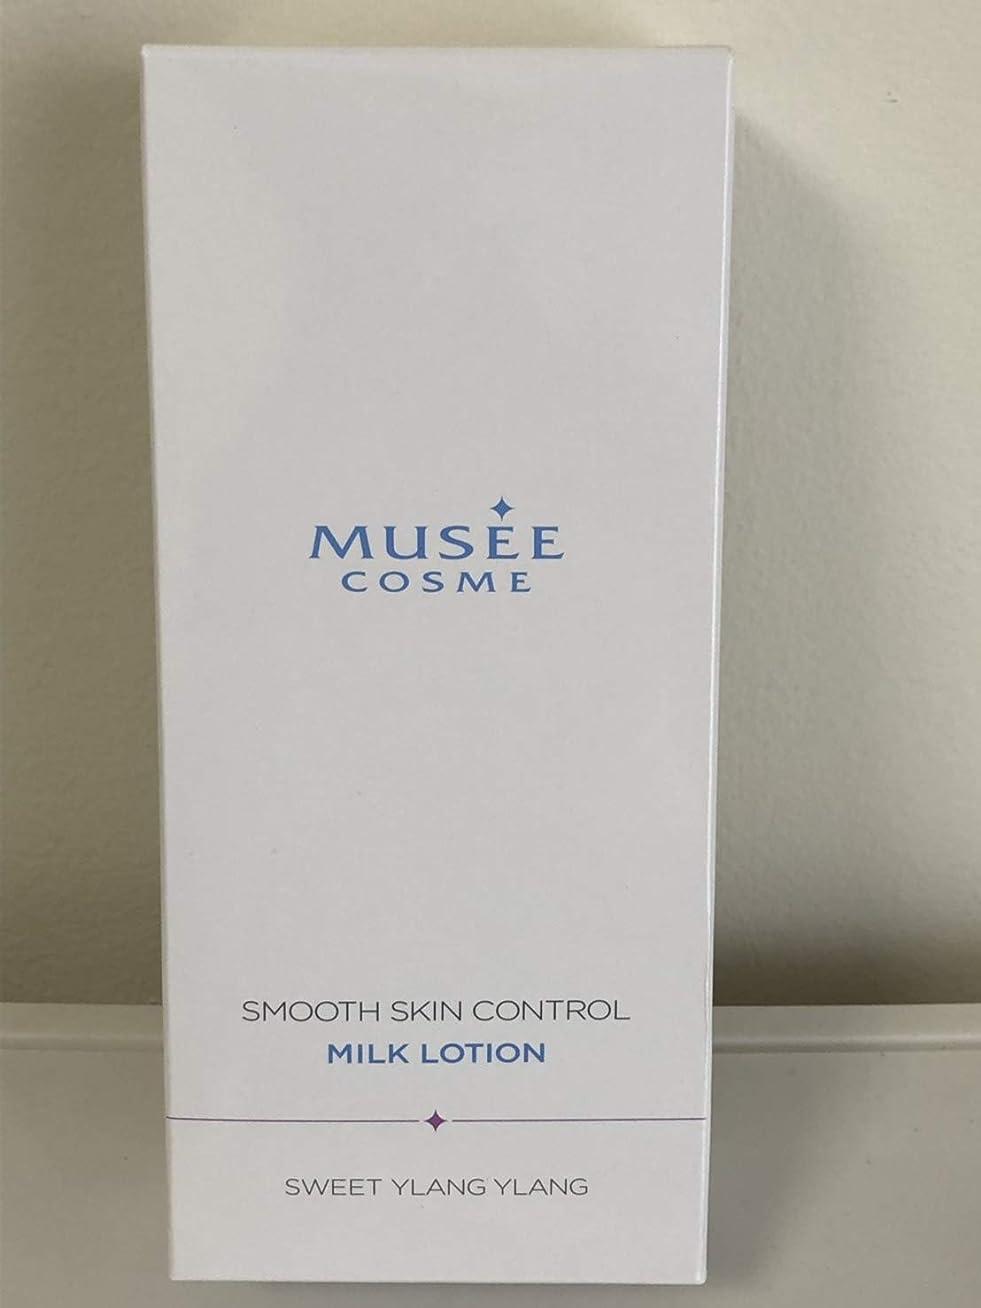 浸透する創始者メイドミュゼコスメ 薬用スムーススキンコントロール ミルクローション 300mL スイートイランイランの香り